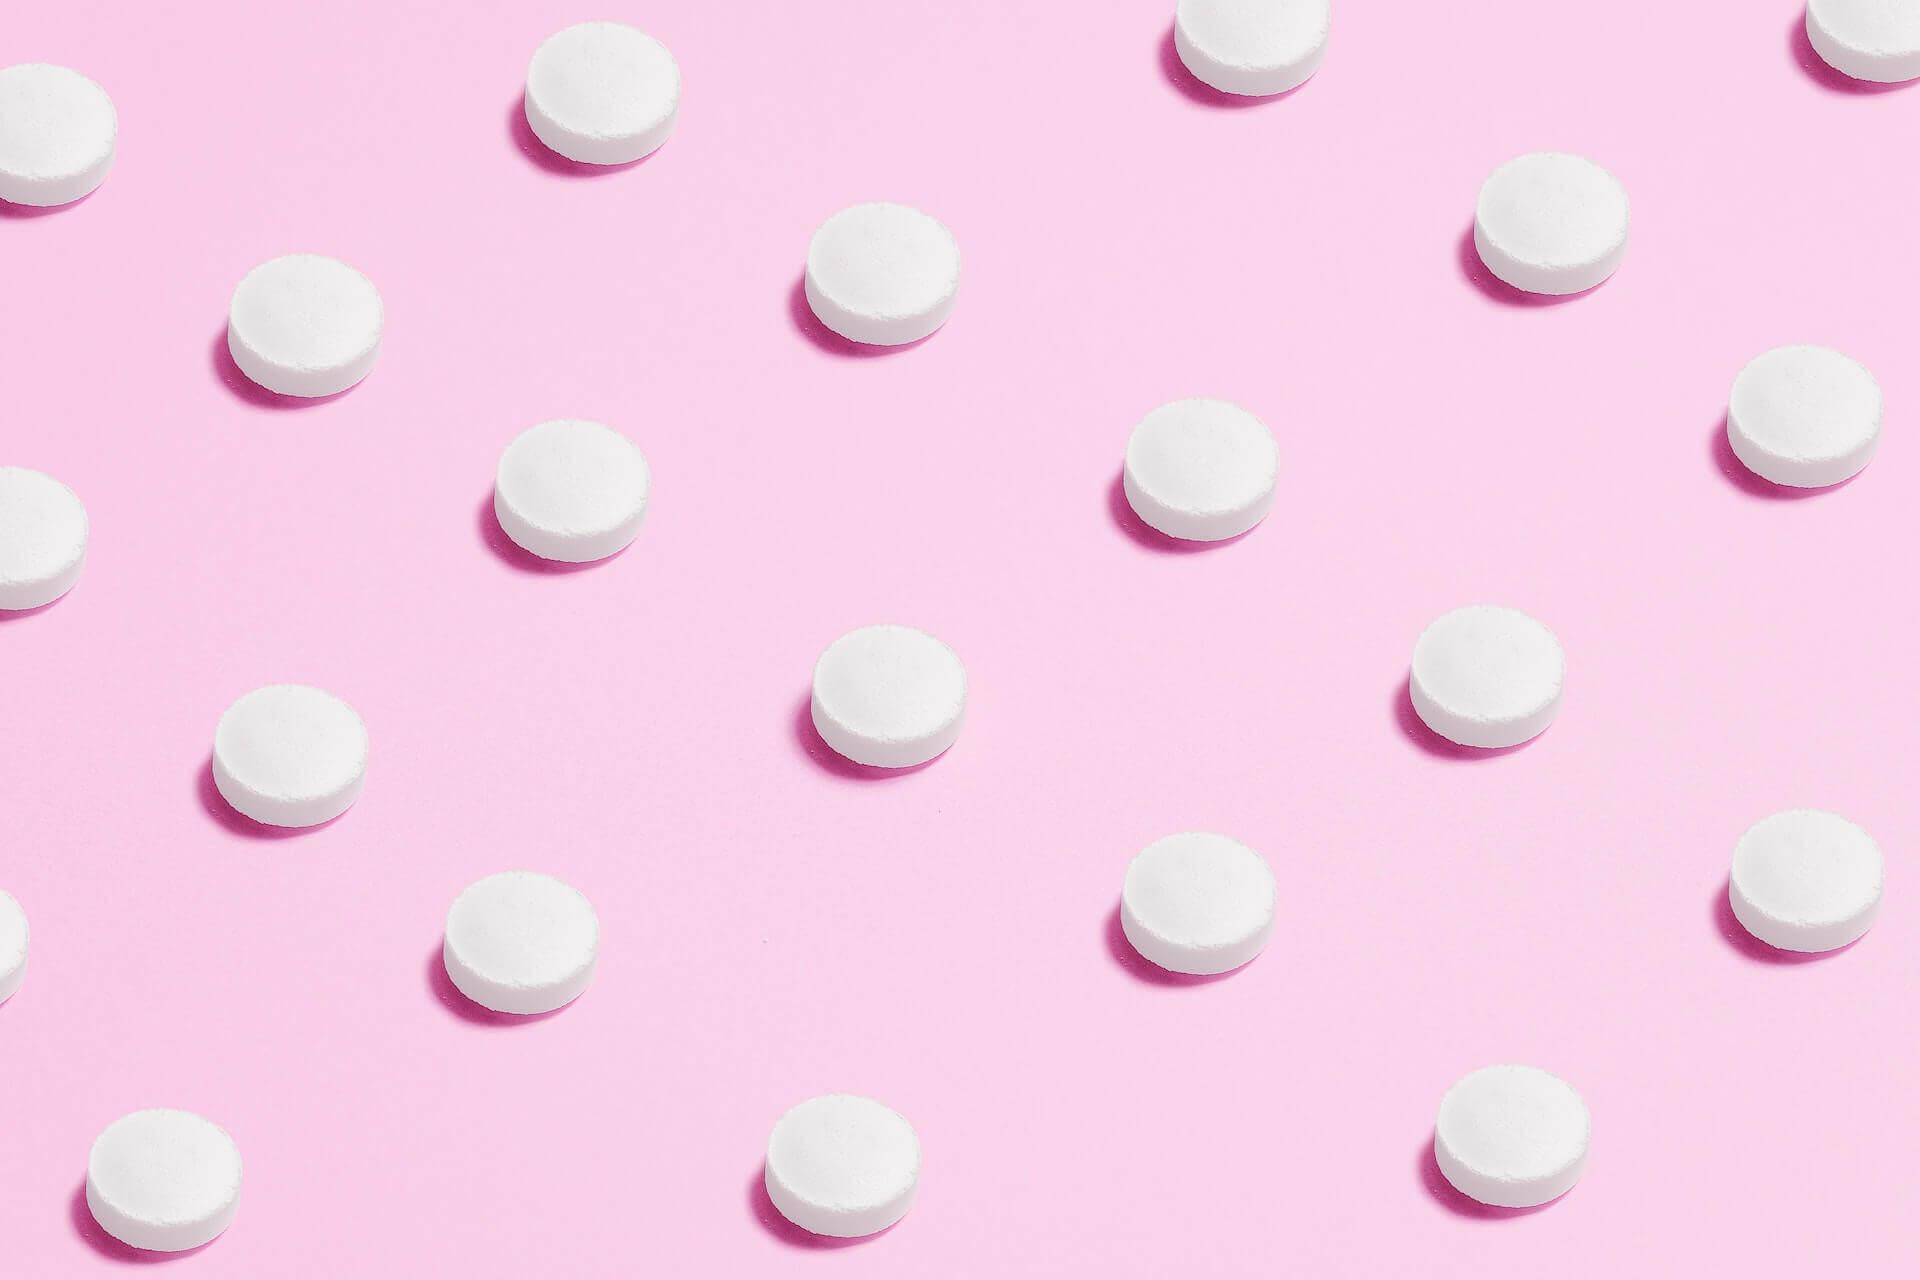 Keine Blutung in Pillenpause